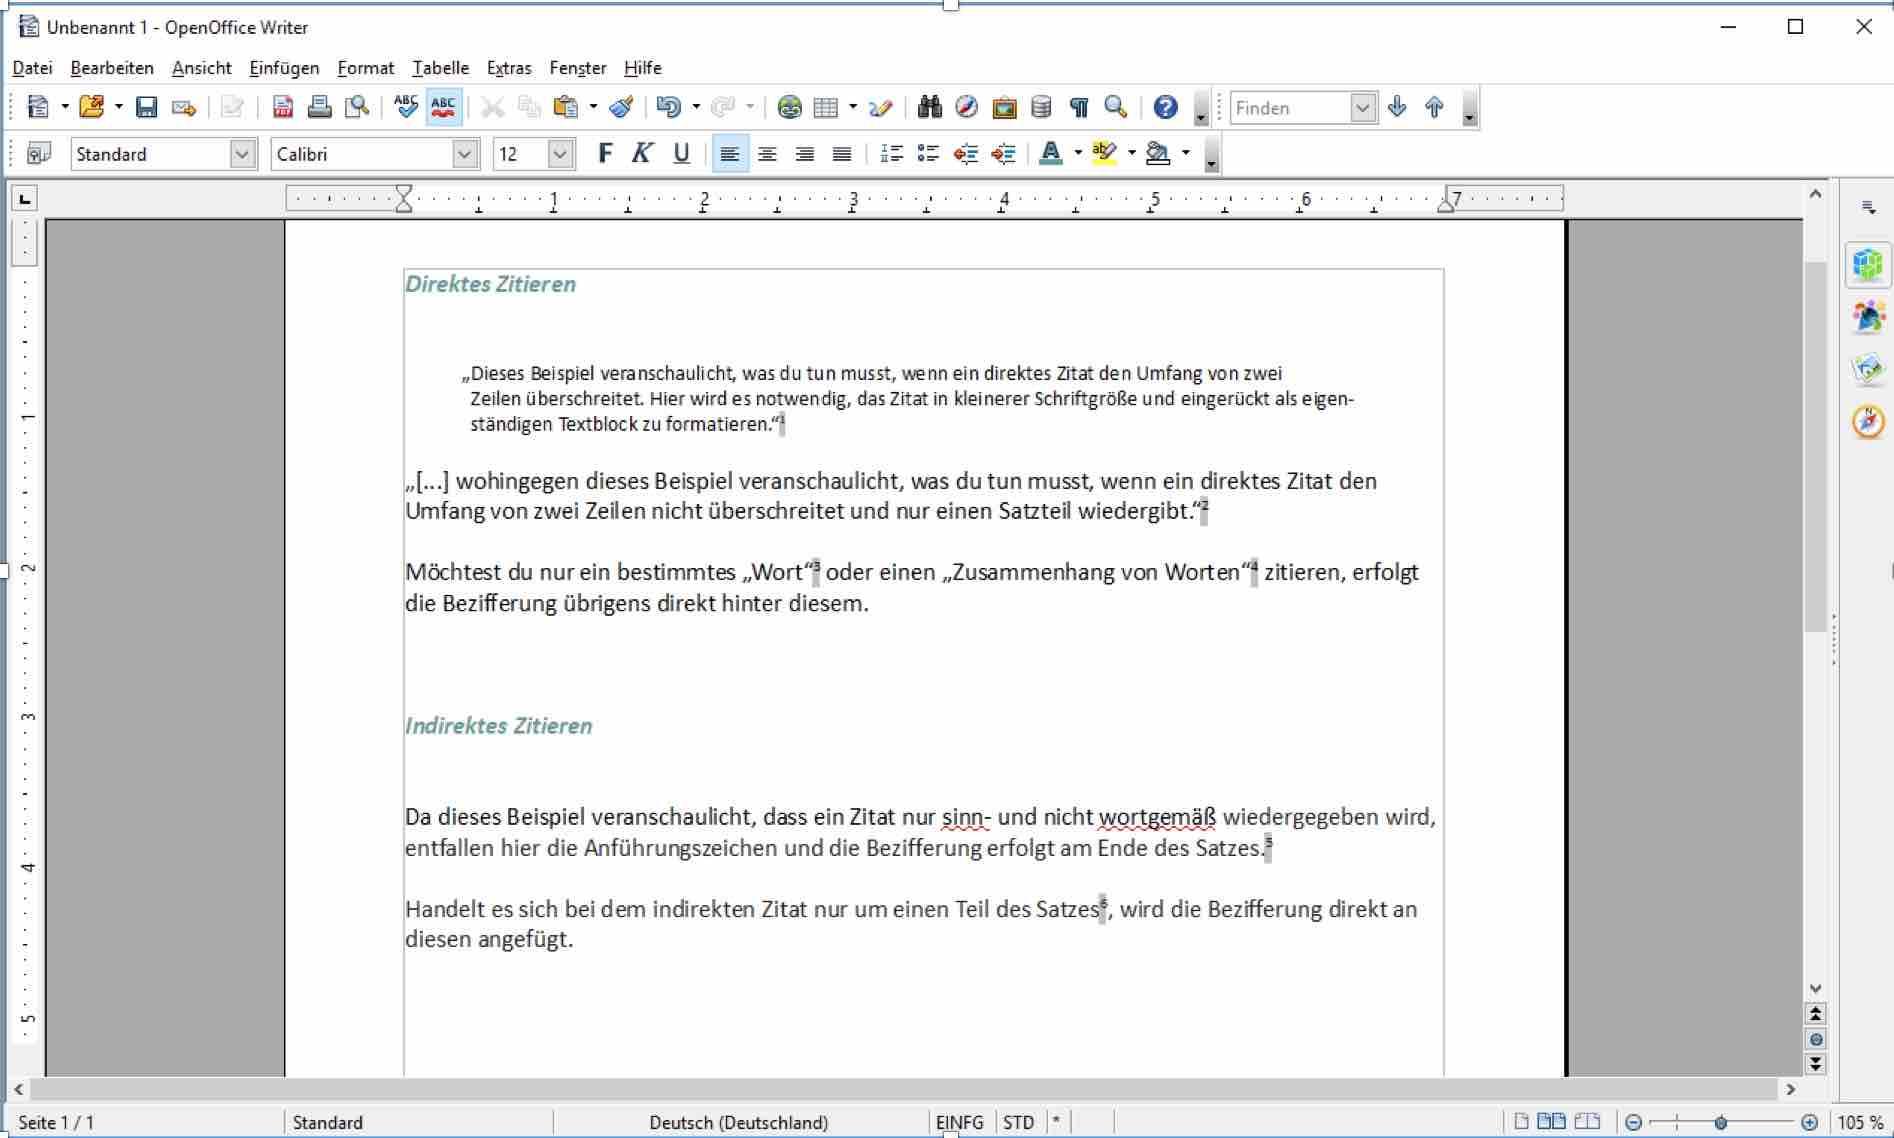 Deutsche Zitierweise Zitieren Mit Fussnoten Regeln Beispiele